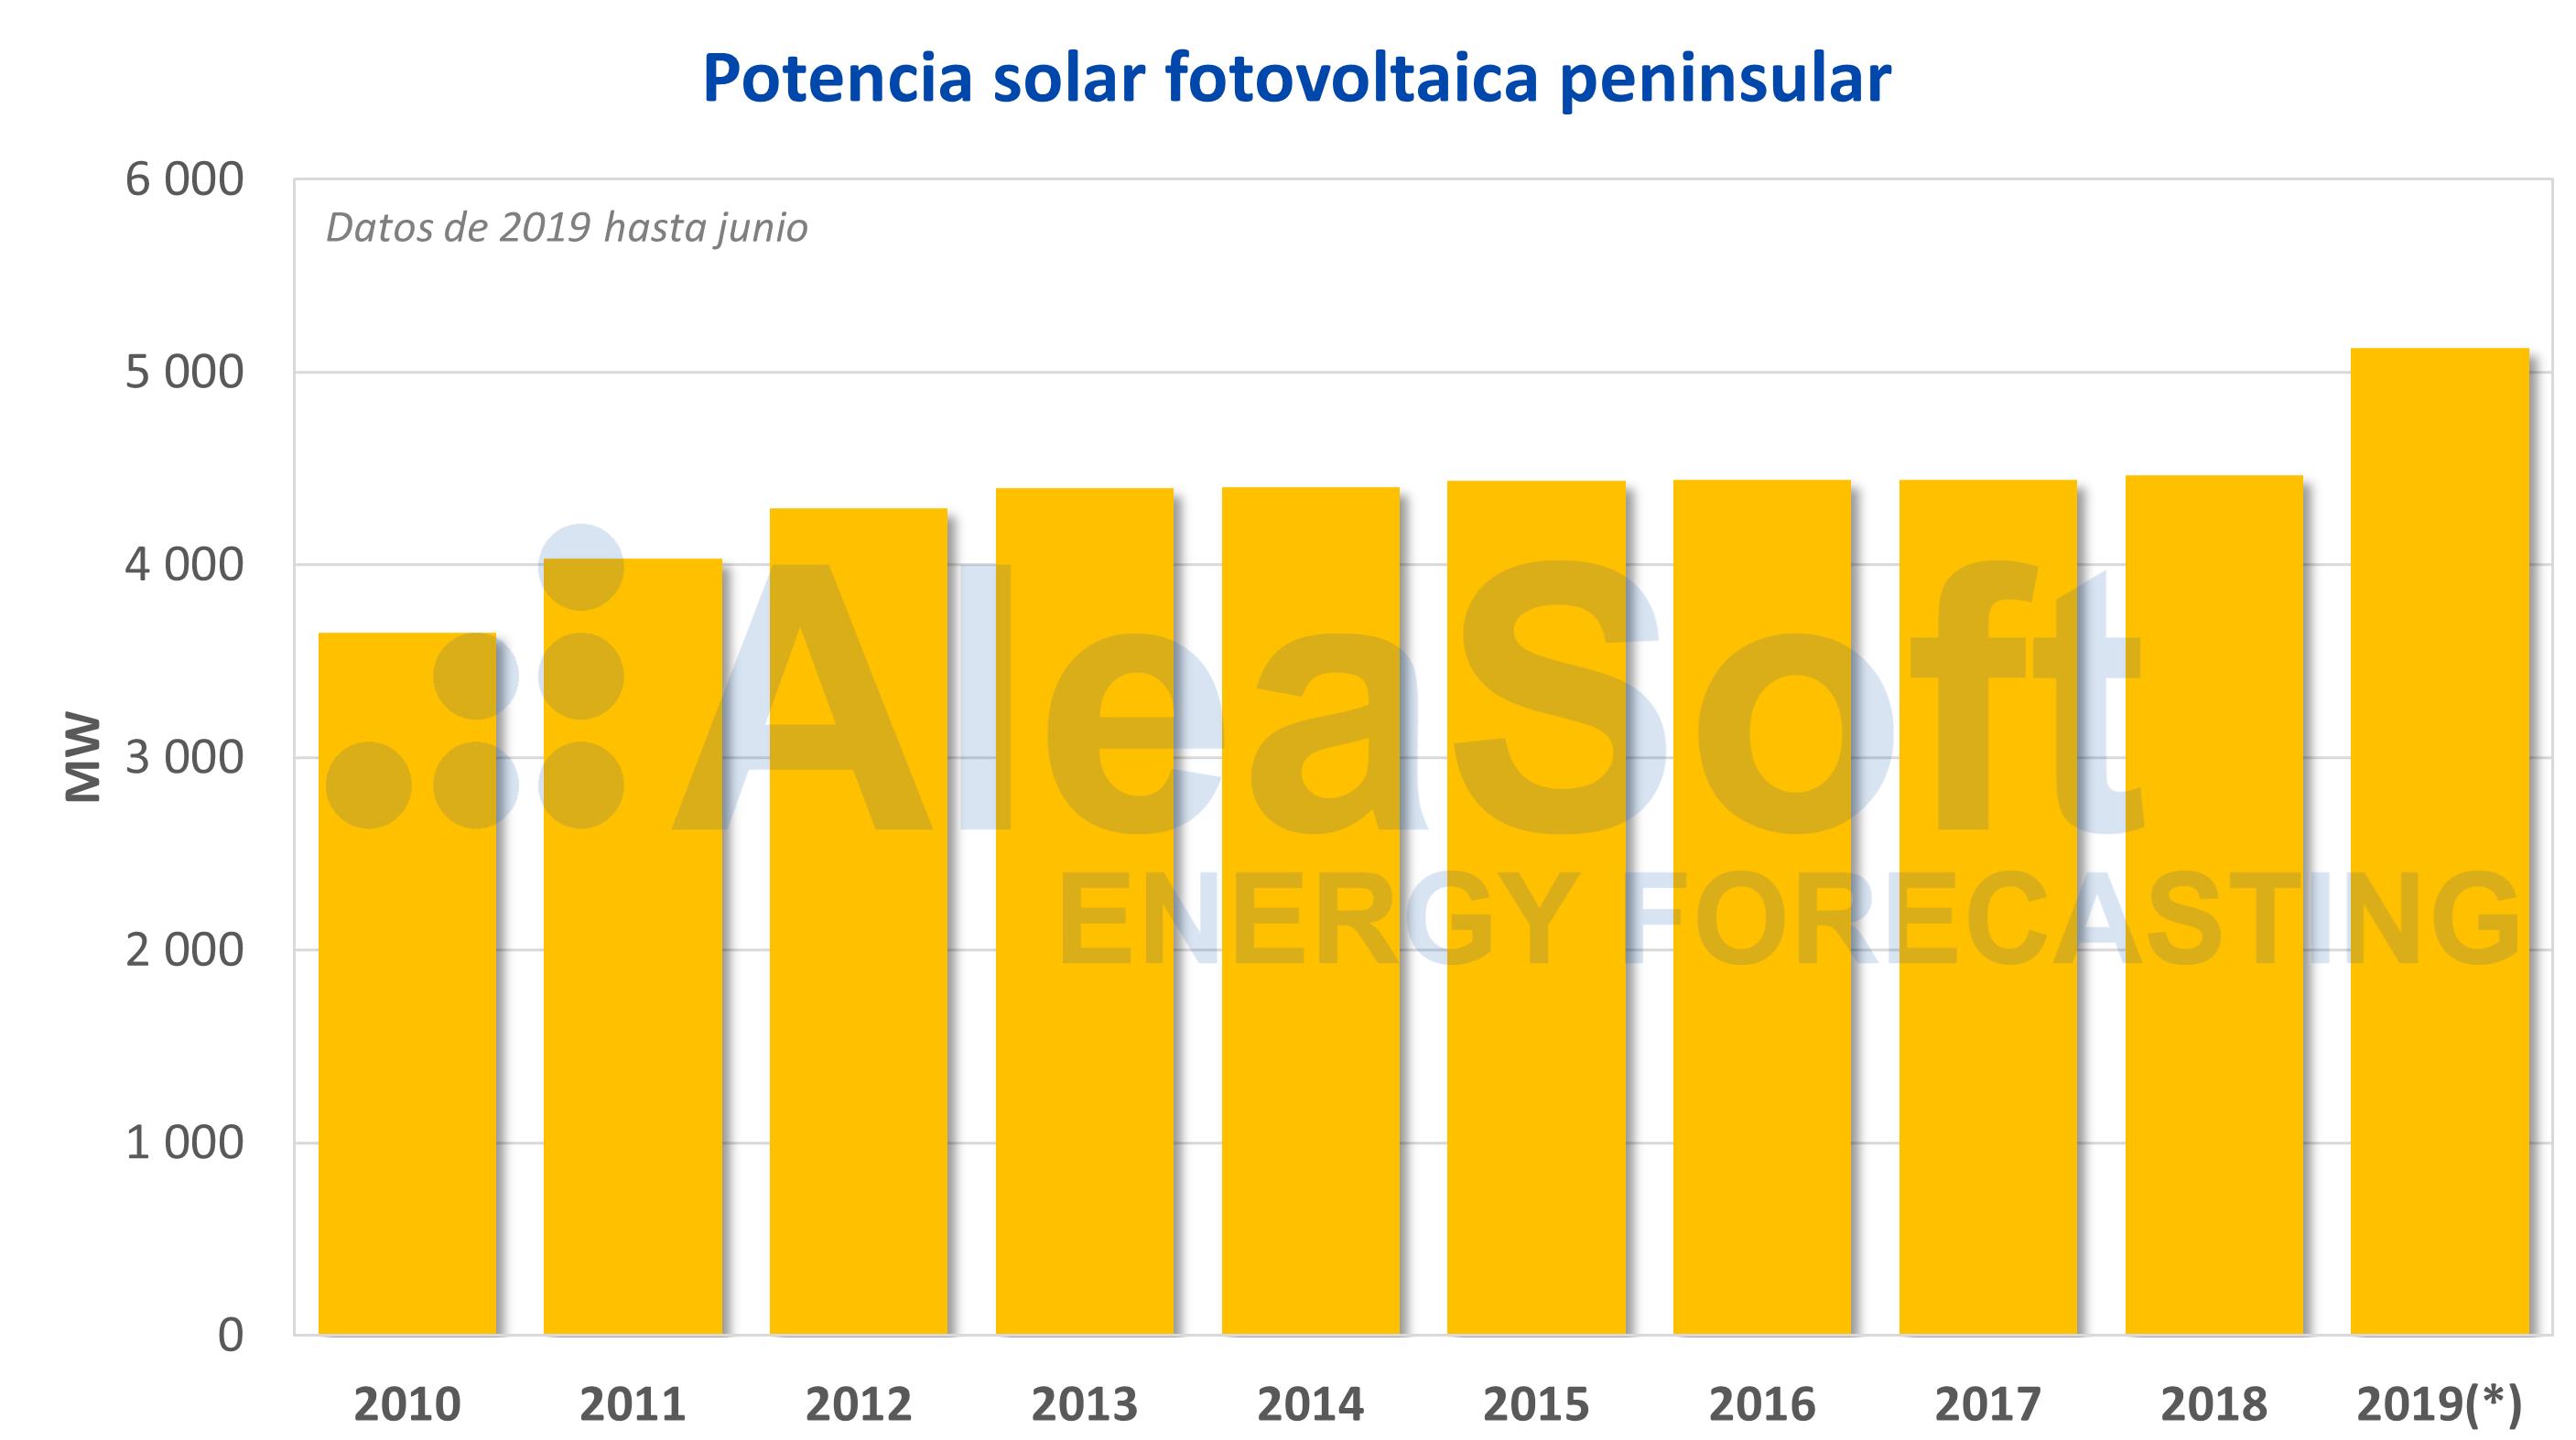 AleaSoft - Potencia solar fotovoltaica peninsular España